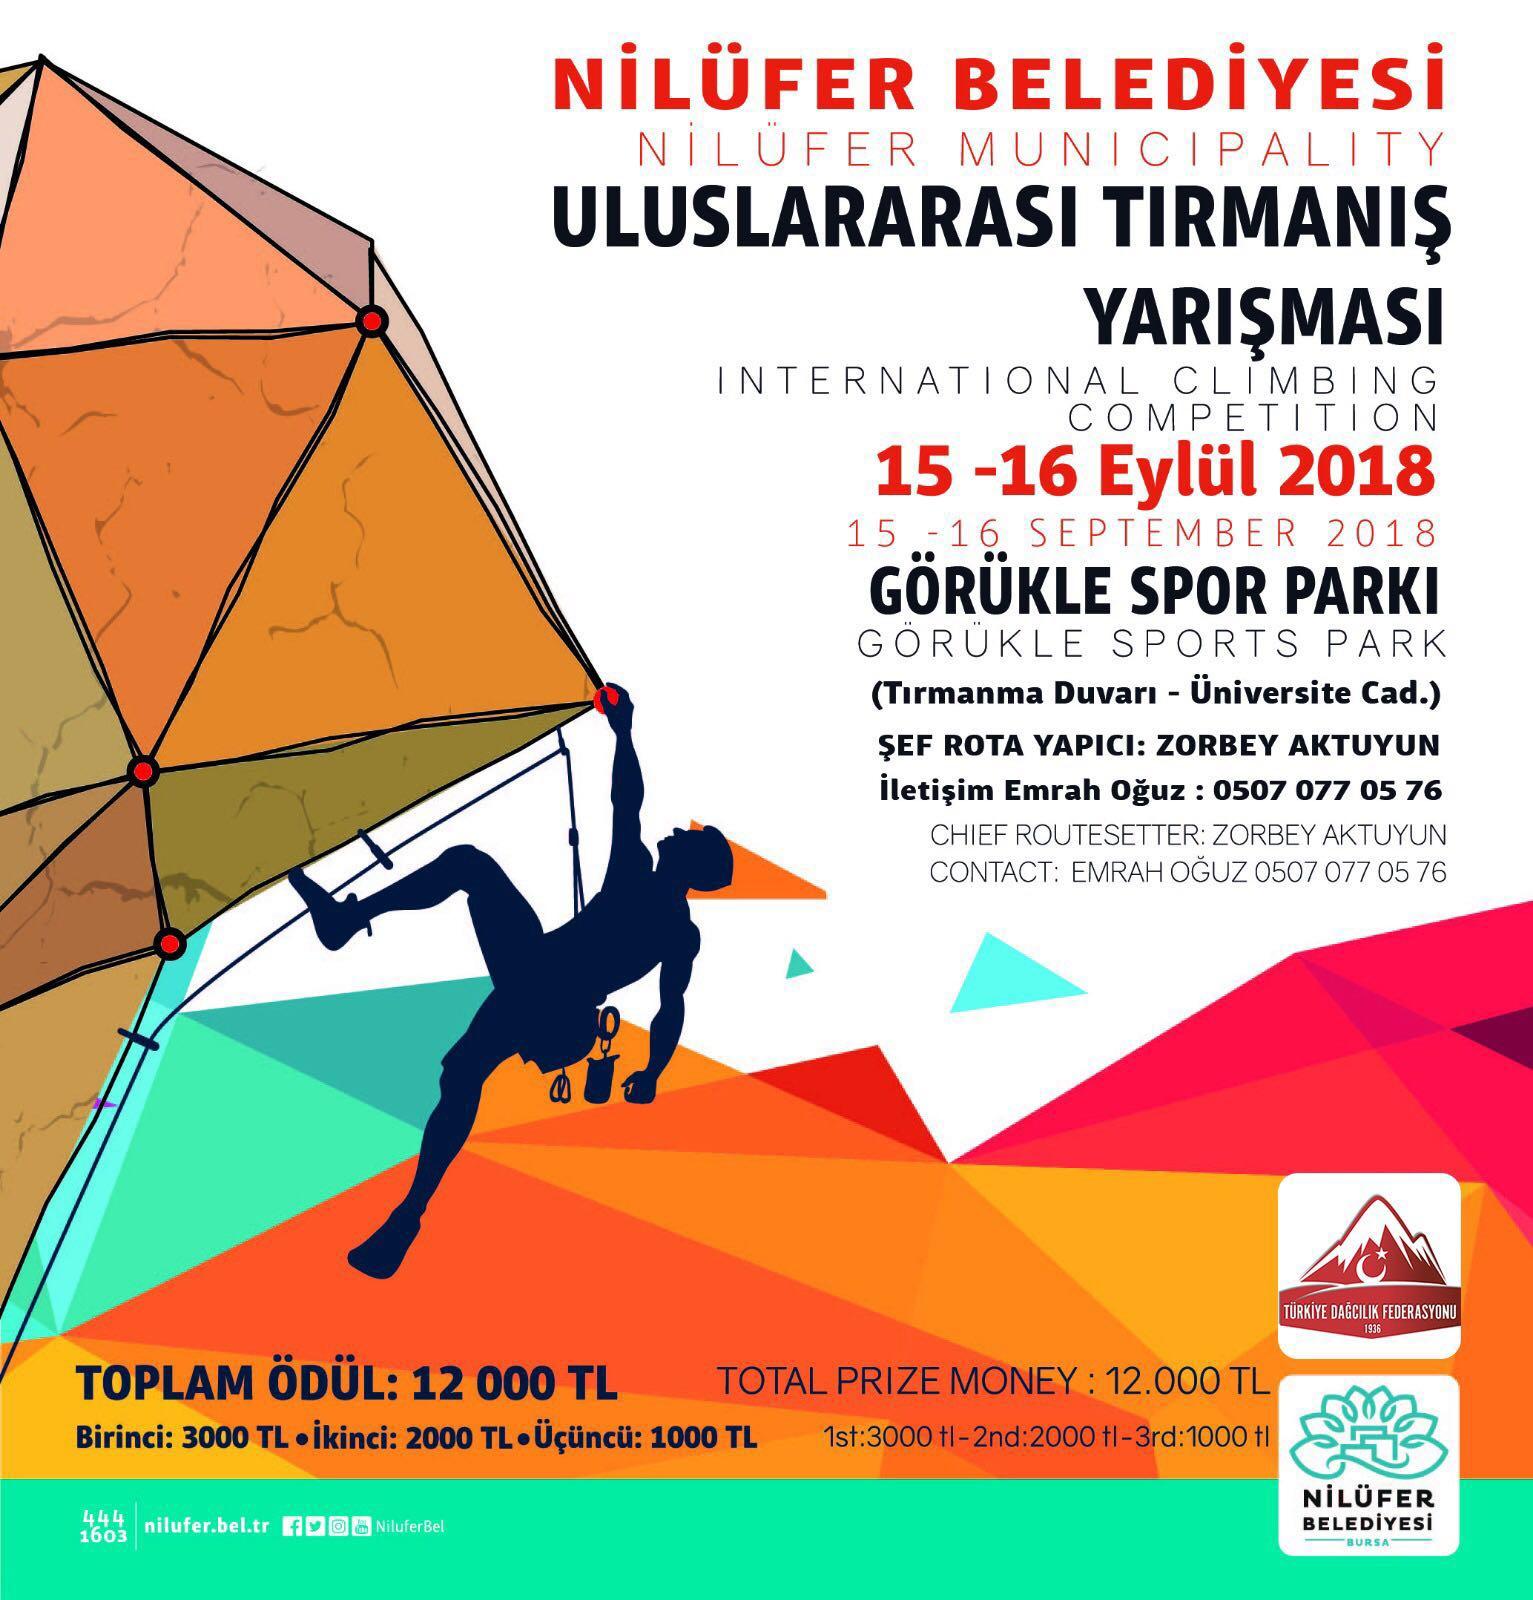 Nilüfer Belediyesi Uluslararası Lider Tırmanış Yarışması Duyurusu